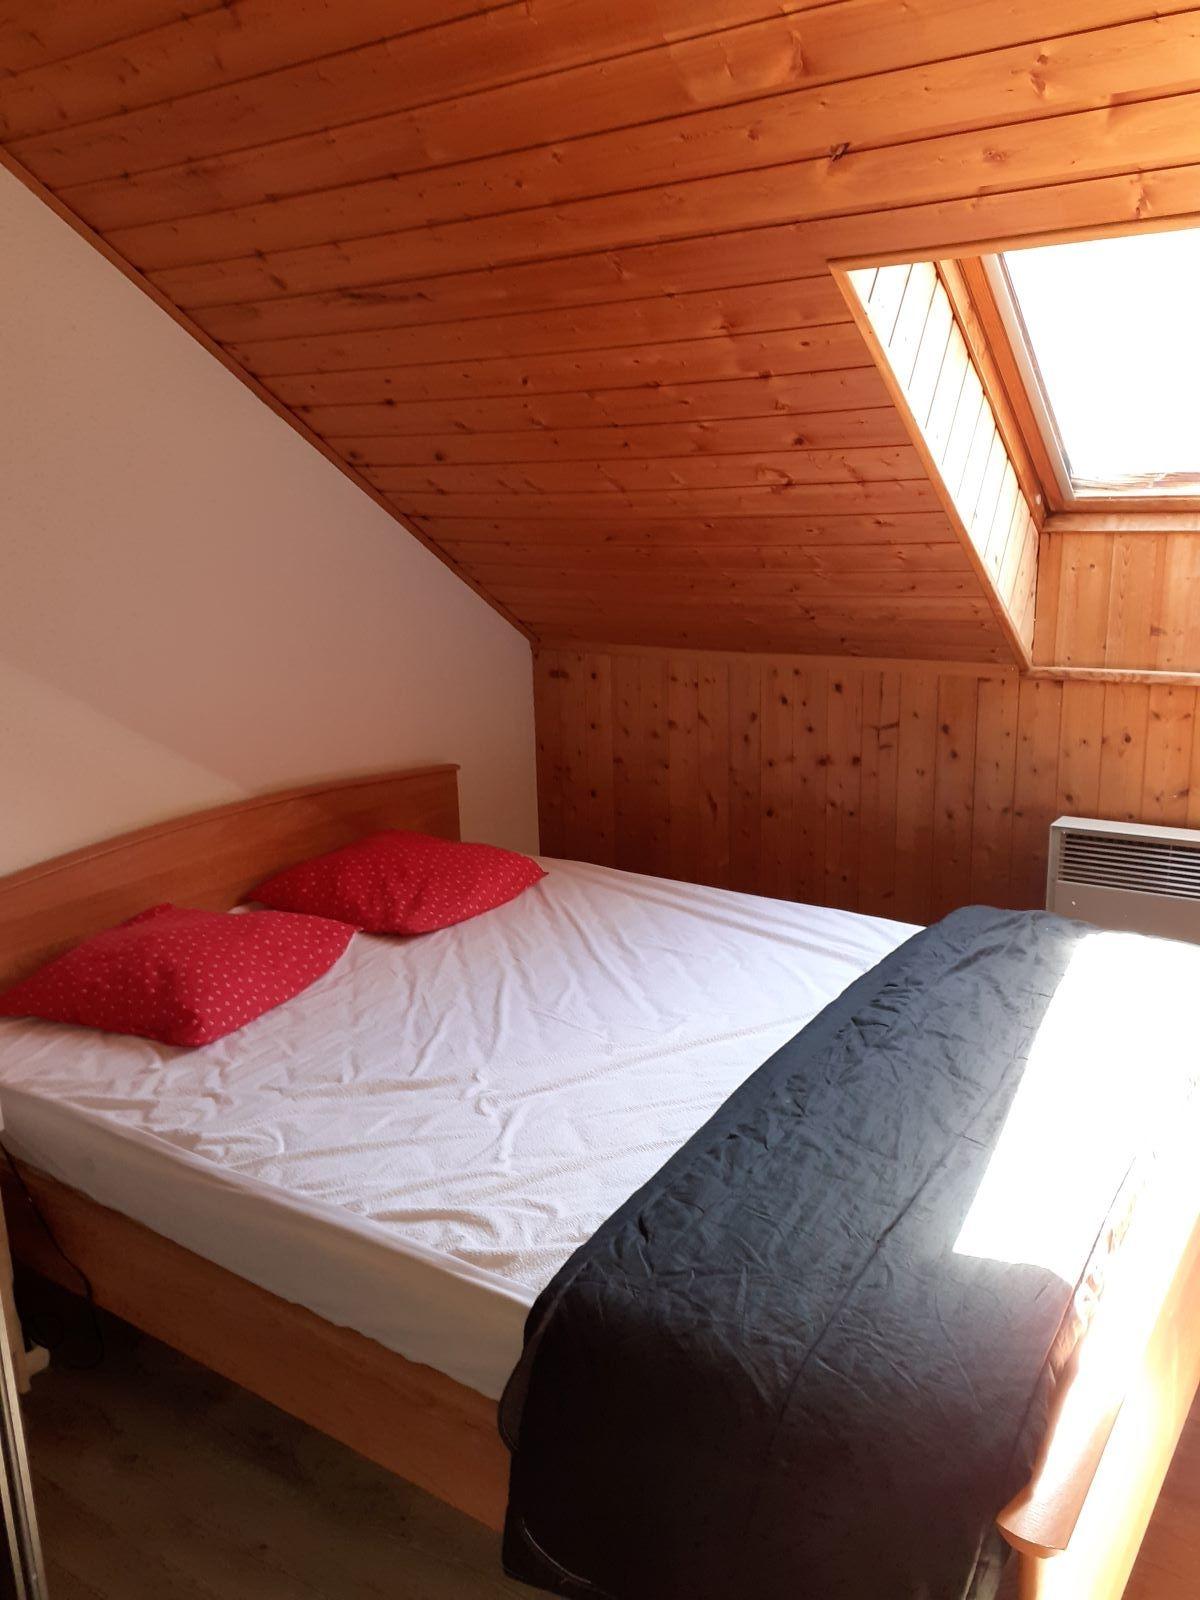 lit chambre - STUDIO DE 25 m² AVEC MEZZANINE DE 9 m² (6 COUCHAGES) AU CHATEAU D'ANCELLE